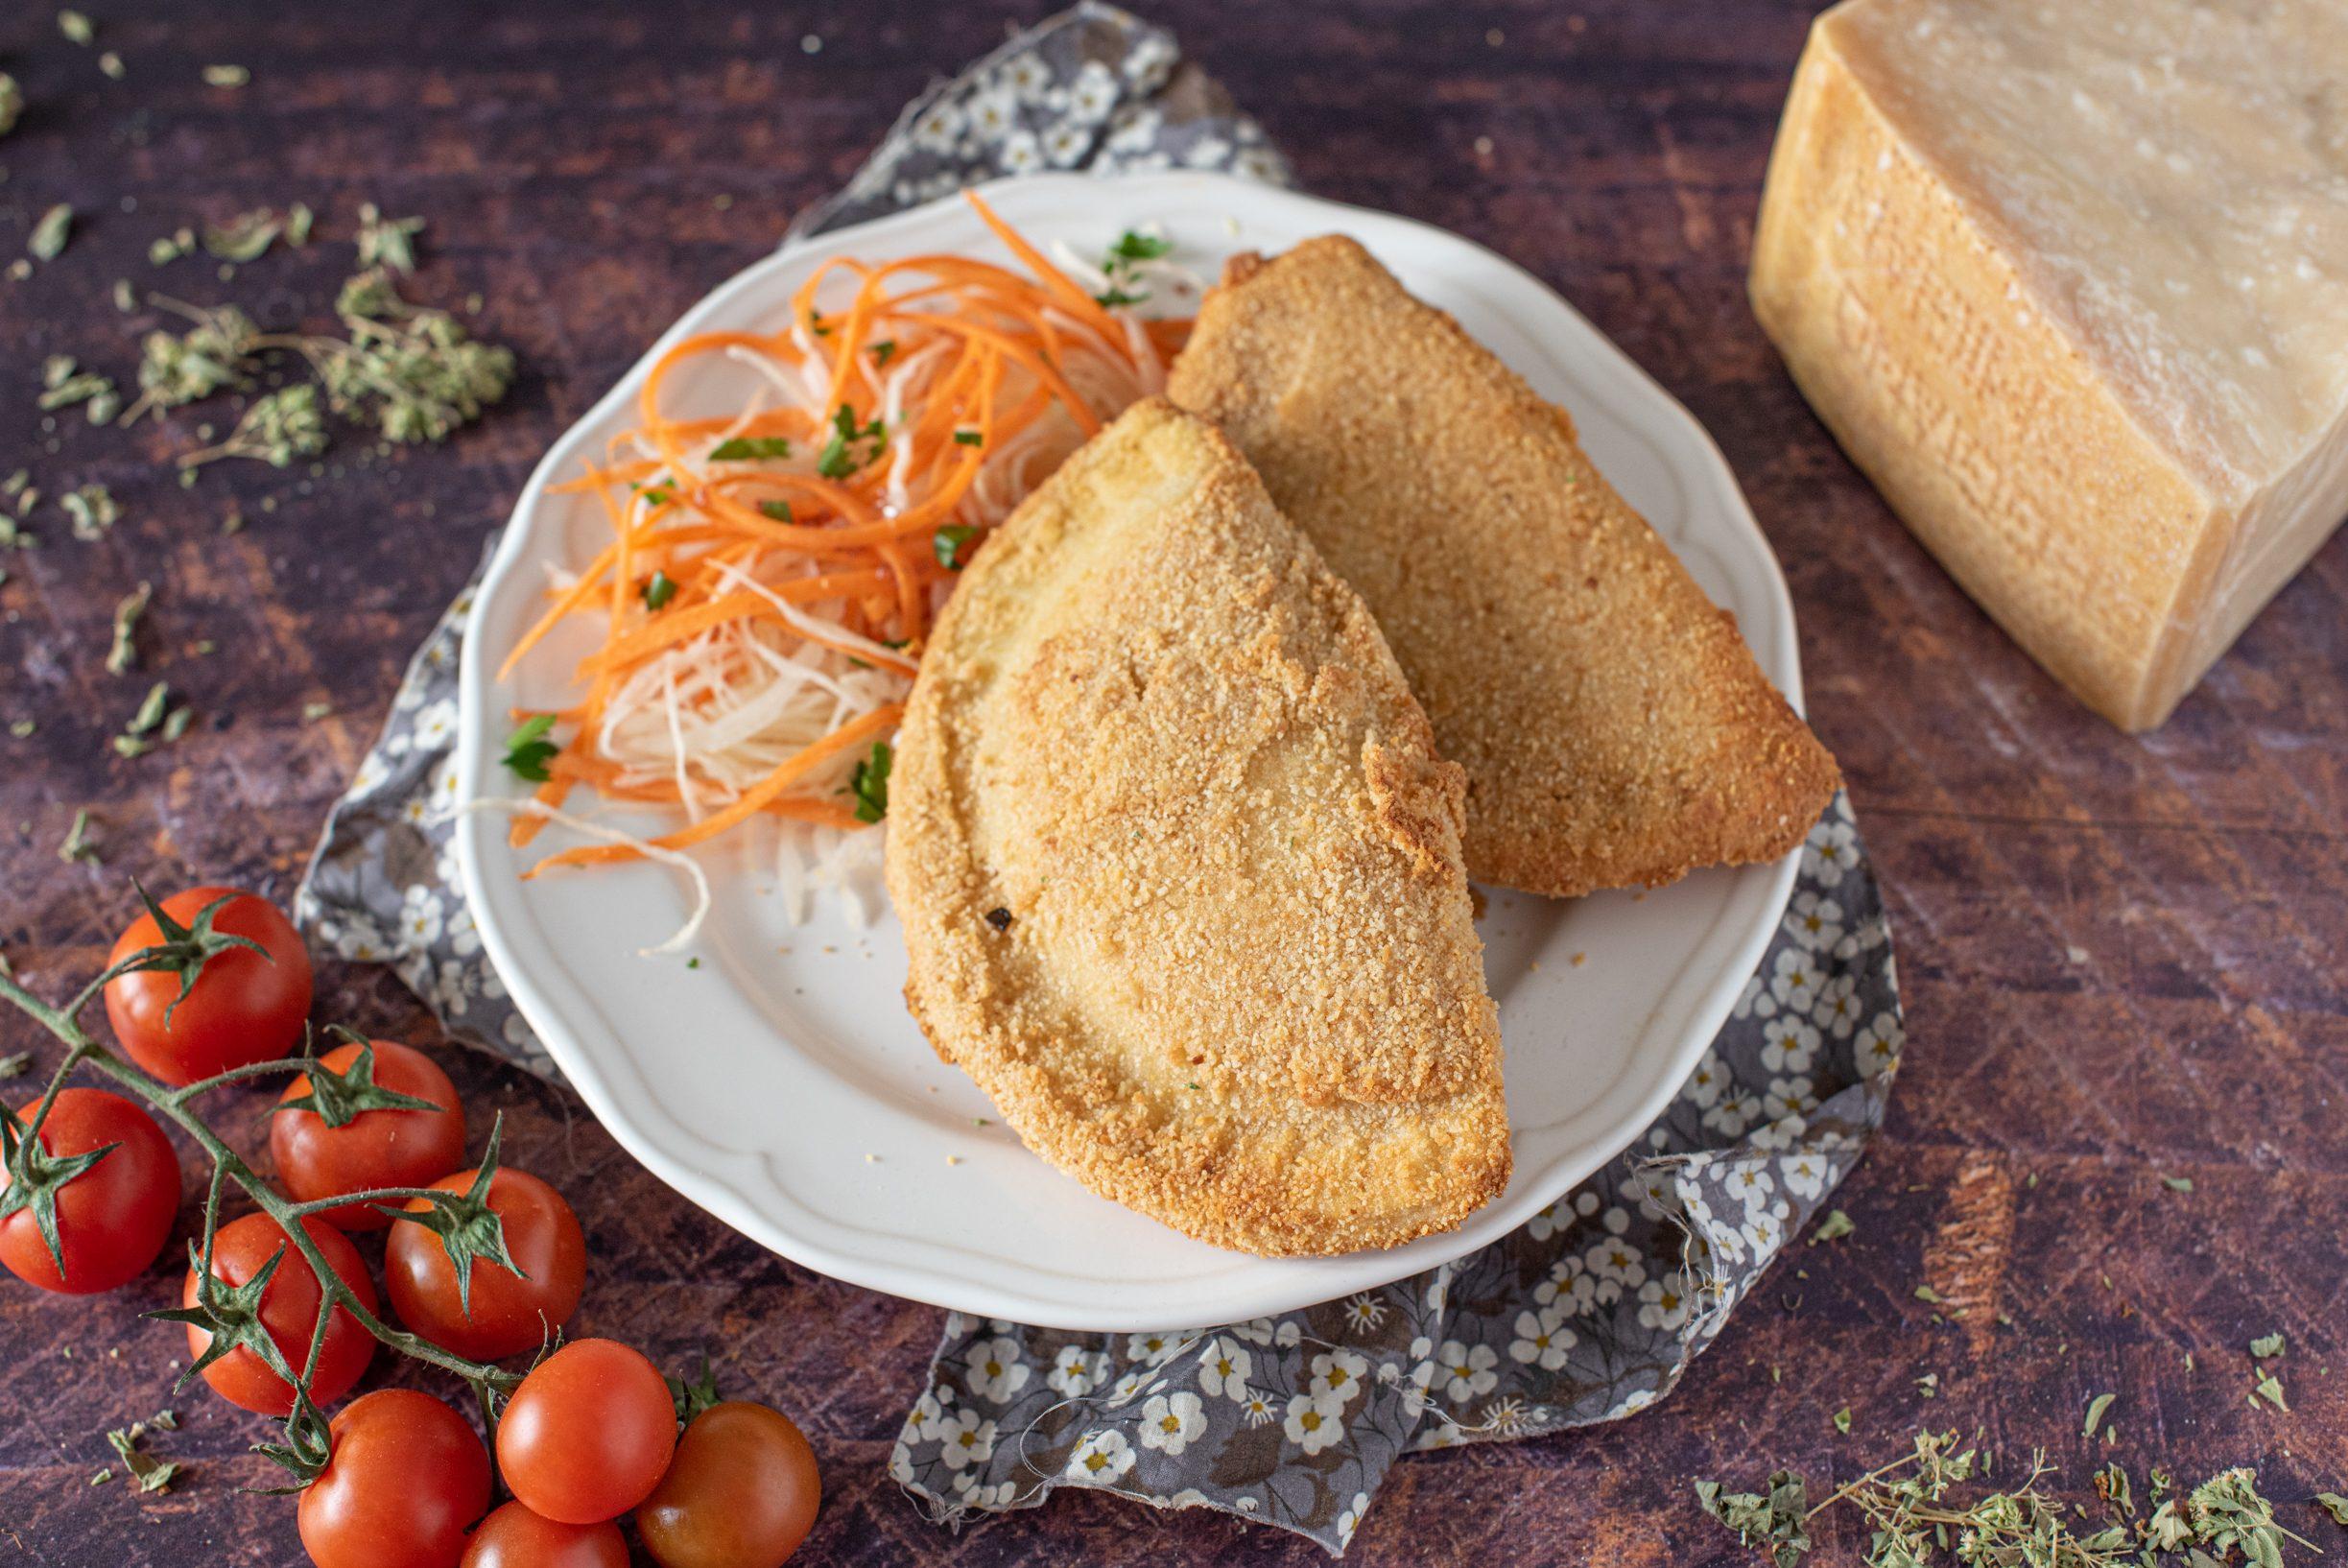 Mezzelune al forno con pomodoro e mozzarella: la ricetta del secondo goloso e leggero